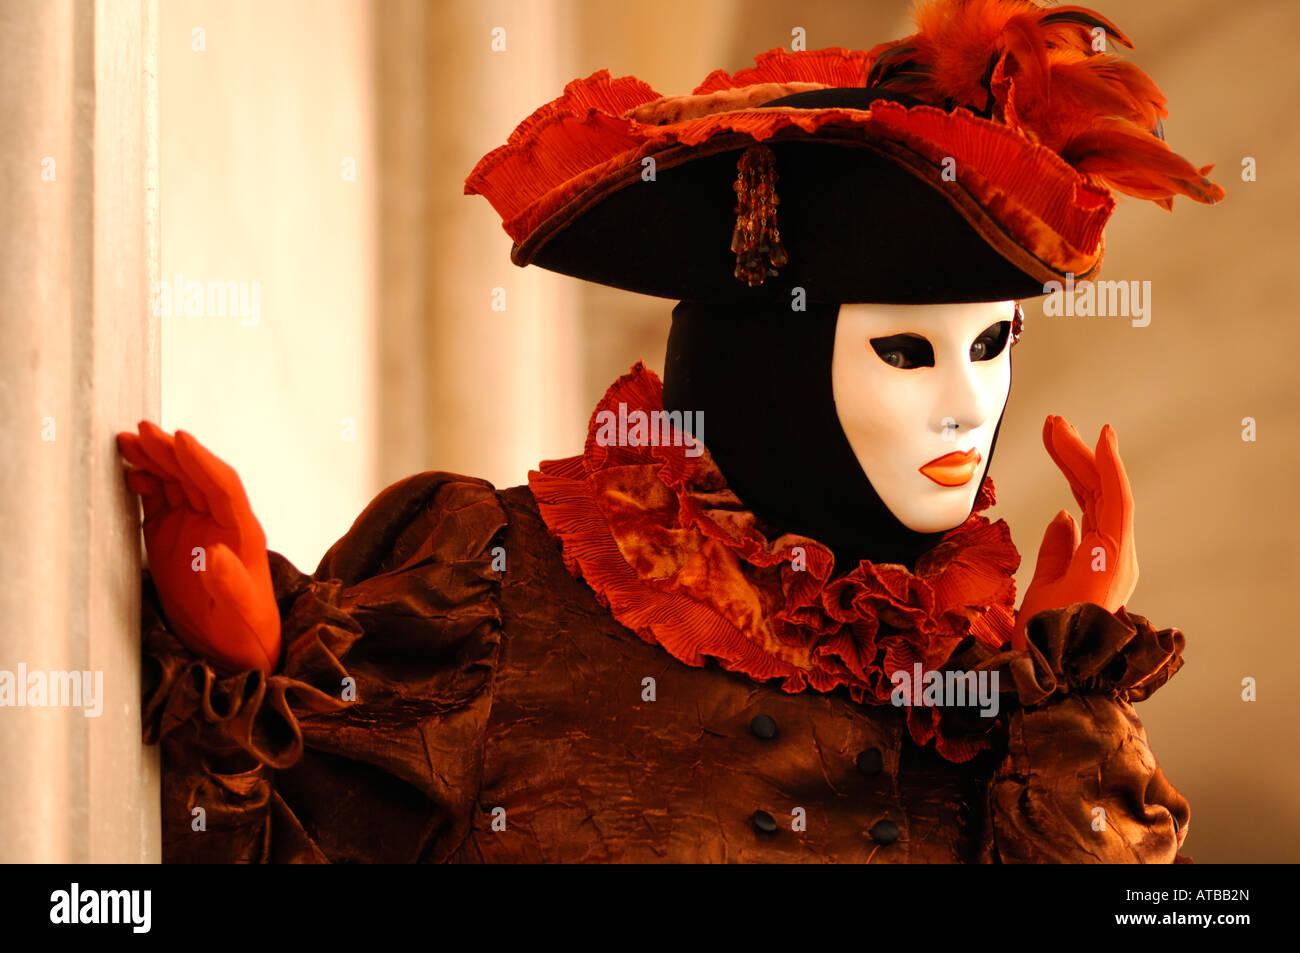 Carnaval de Venise masque blanc chapeau à plumes orange et marron orange ruff à l'costume Fête des masques de Venise Banque D'Images